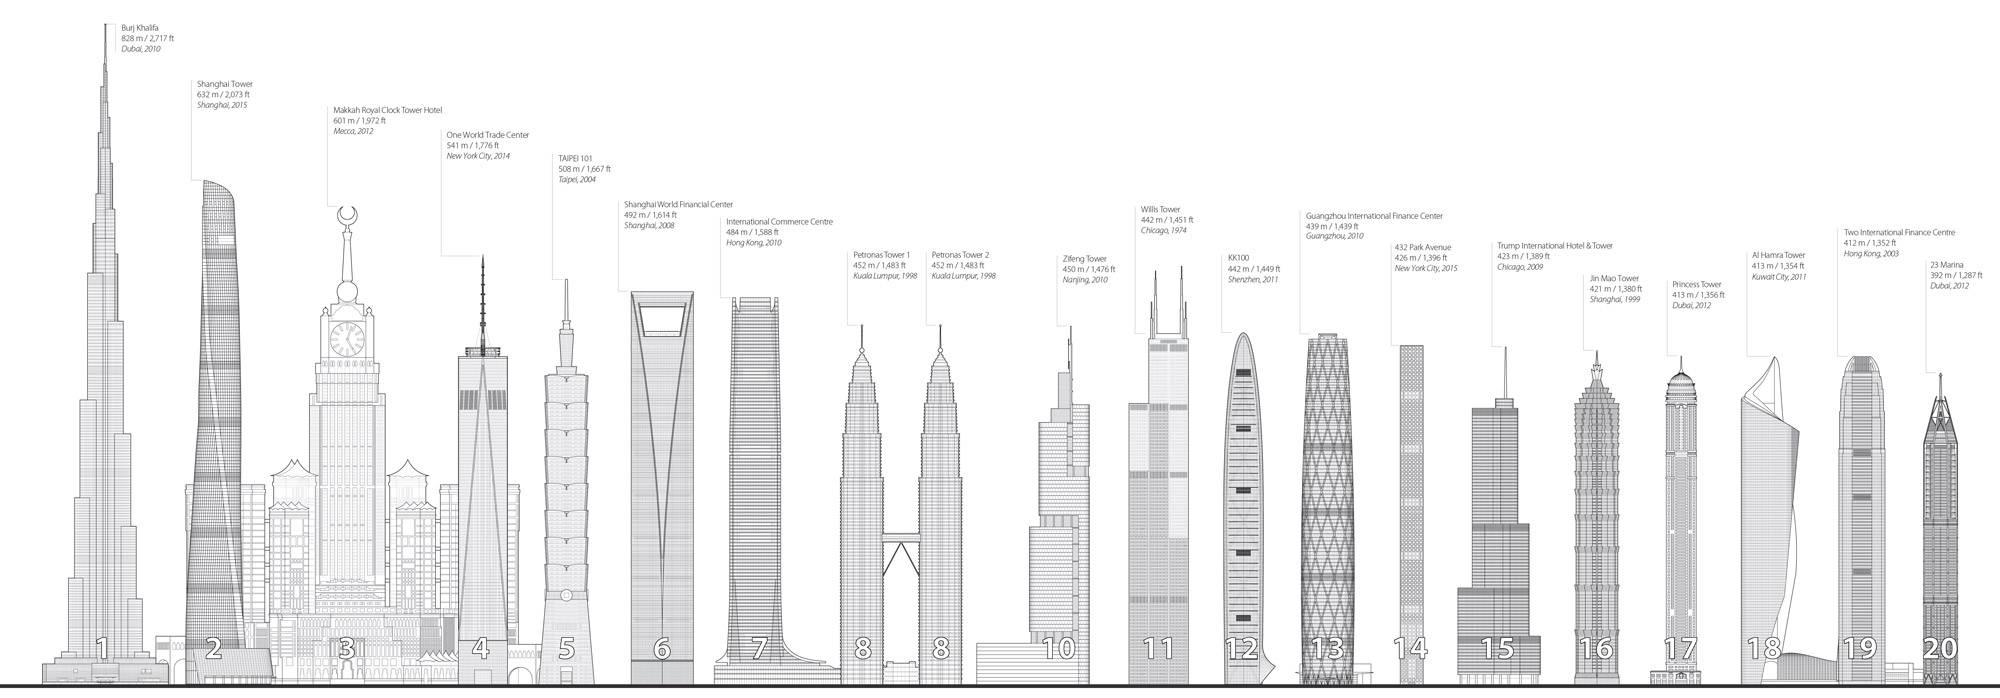 Vergleich der weltweit größten Hochhäuser inklusive dem Shanghai Tower